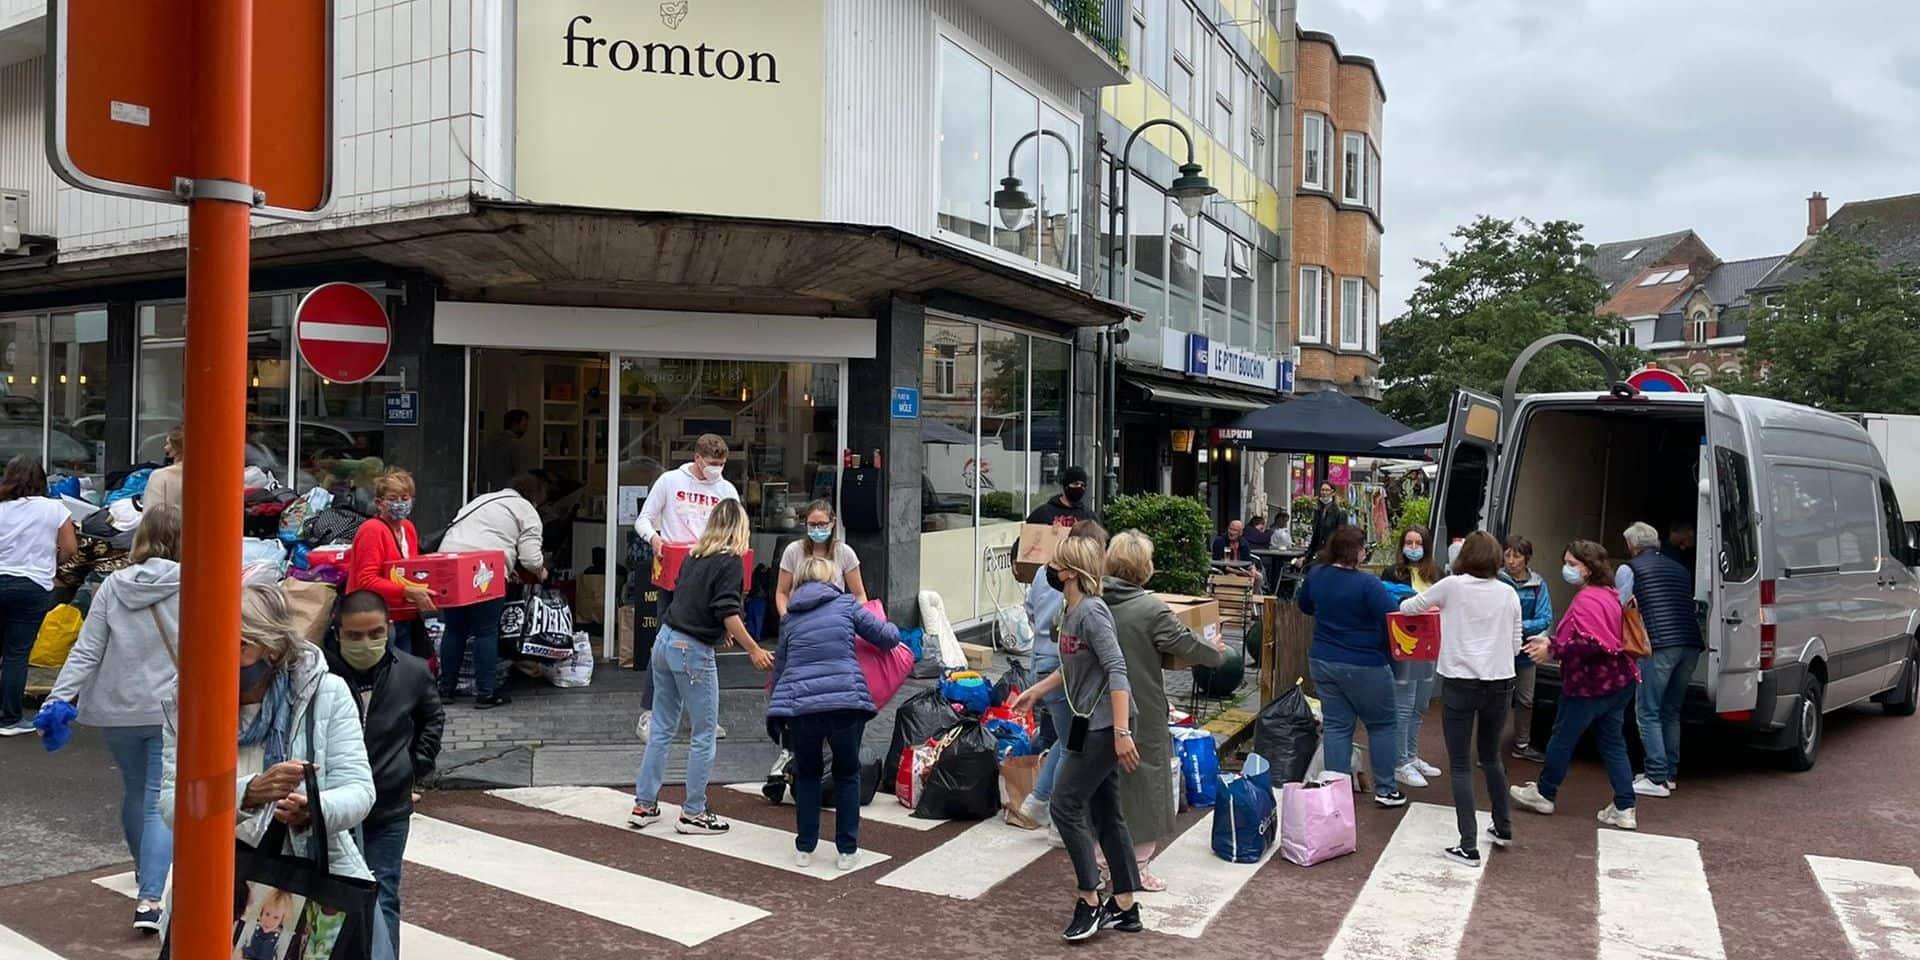 Enorme élan de solidarité pour la collecte de dons au restaurant Fromton à Braine-l'Alleud (Photos+vidéo)